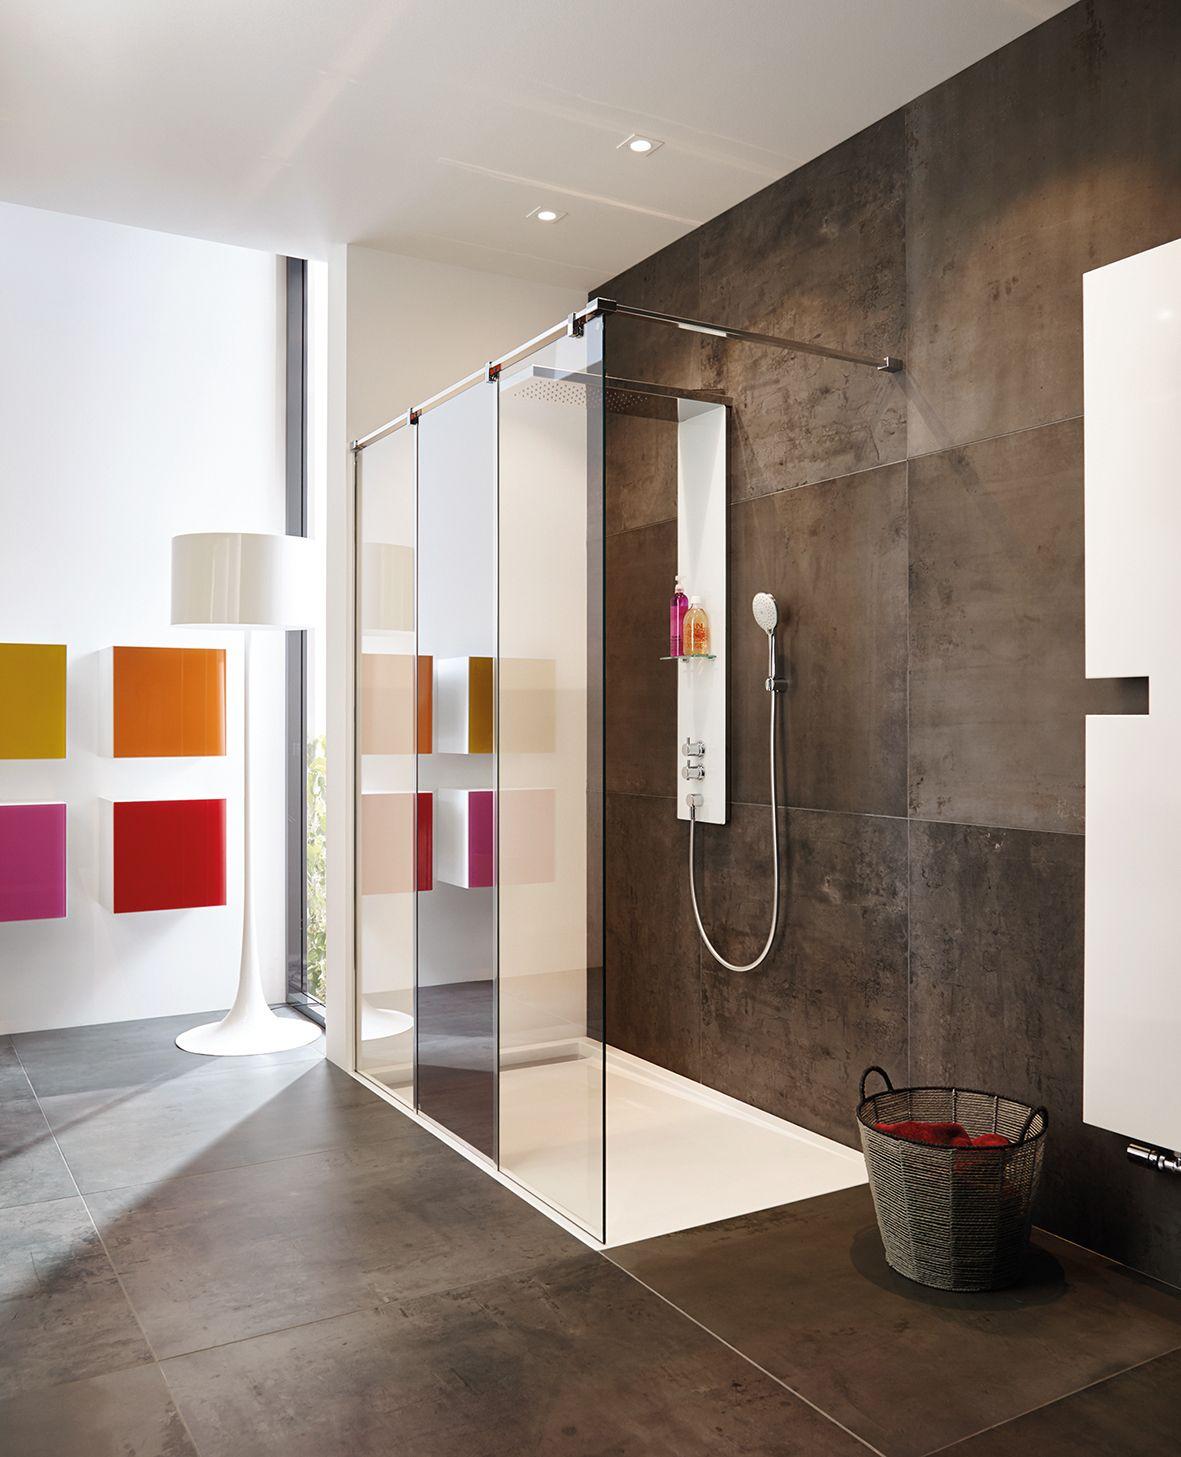 Komfortabel Und Praktisch Walk In Duschen Badezimmer Umbau Dusche Umgestalten Luxusbadezimmer